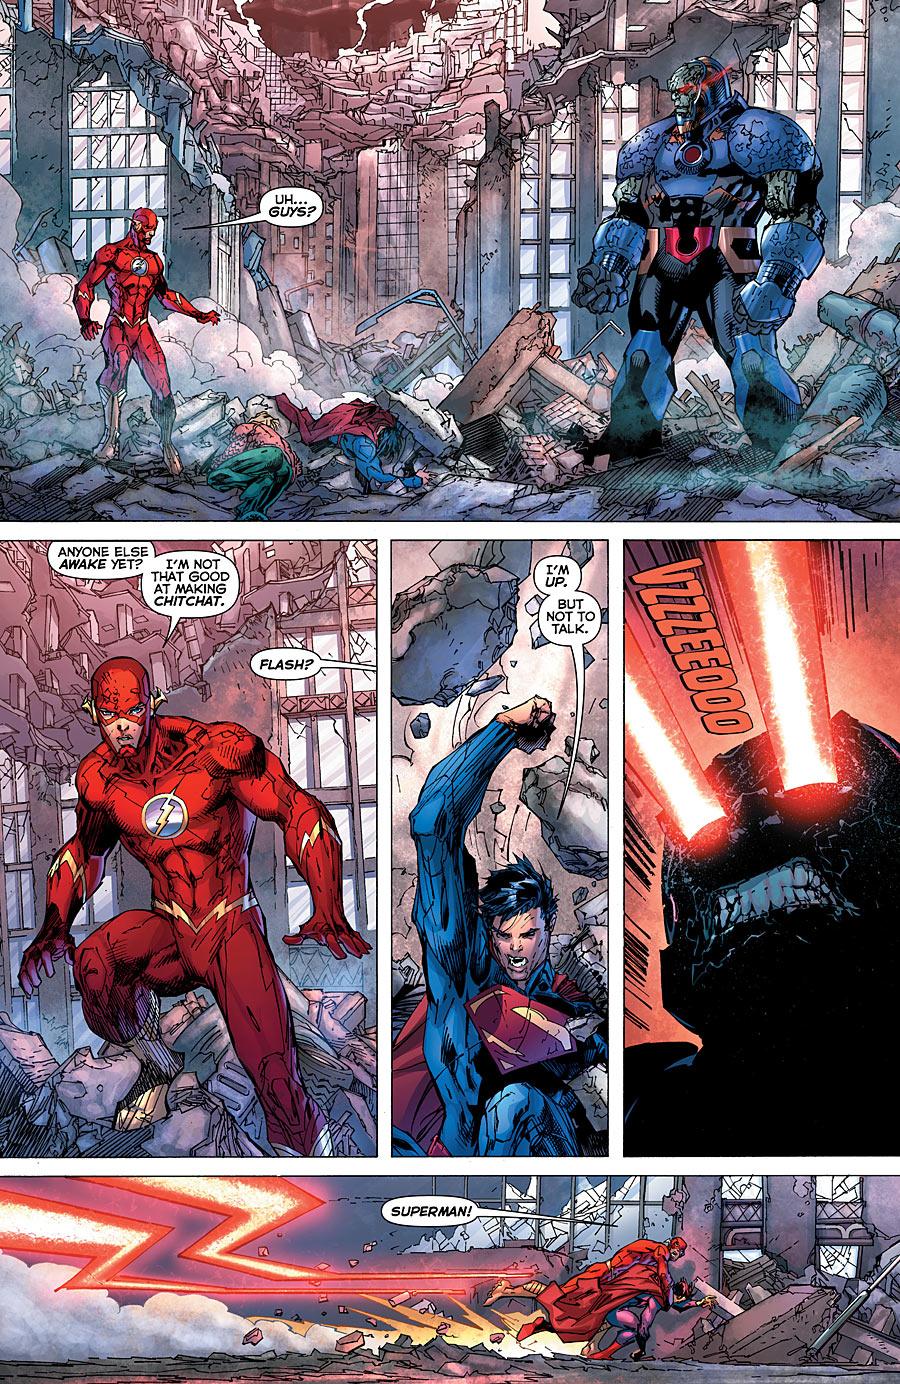 Justice League: Brad Meltzer ripensa alla sua run ...